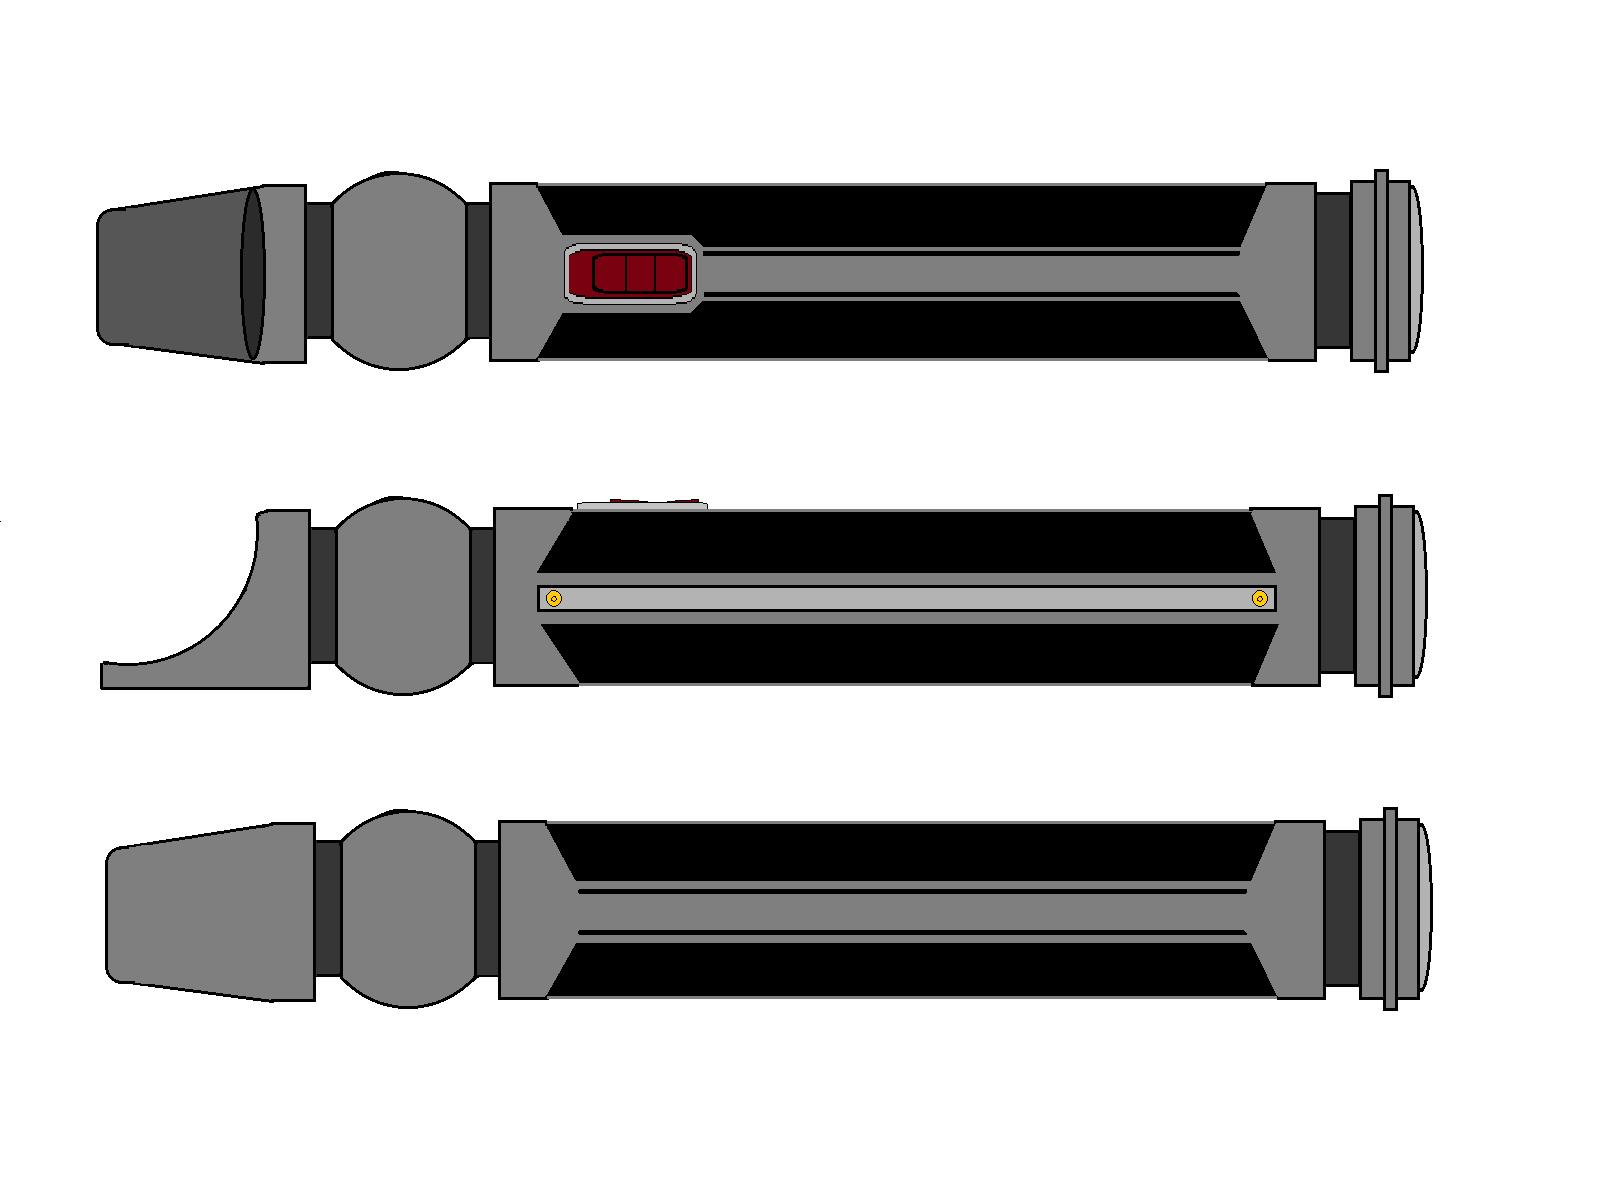 lightsaber2.png